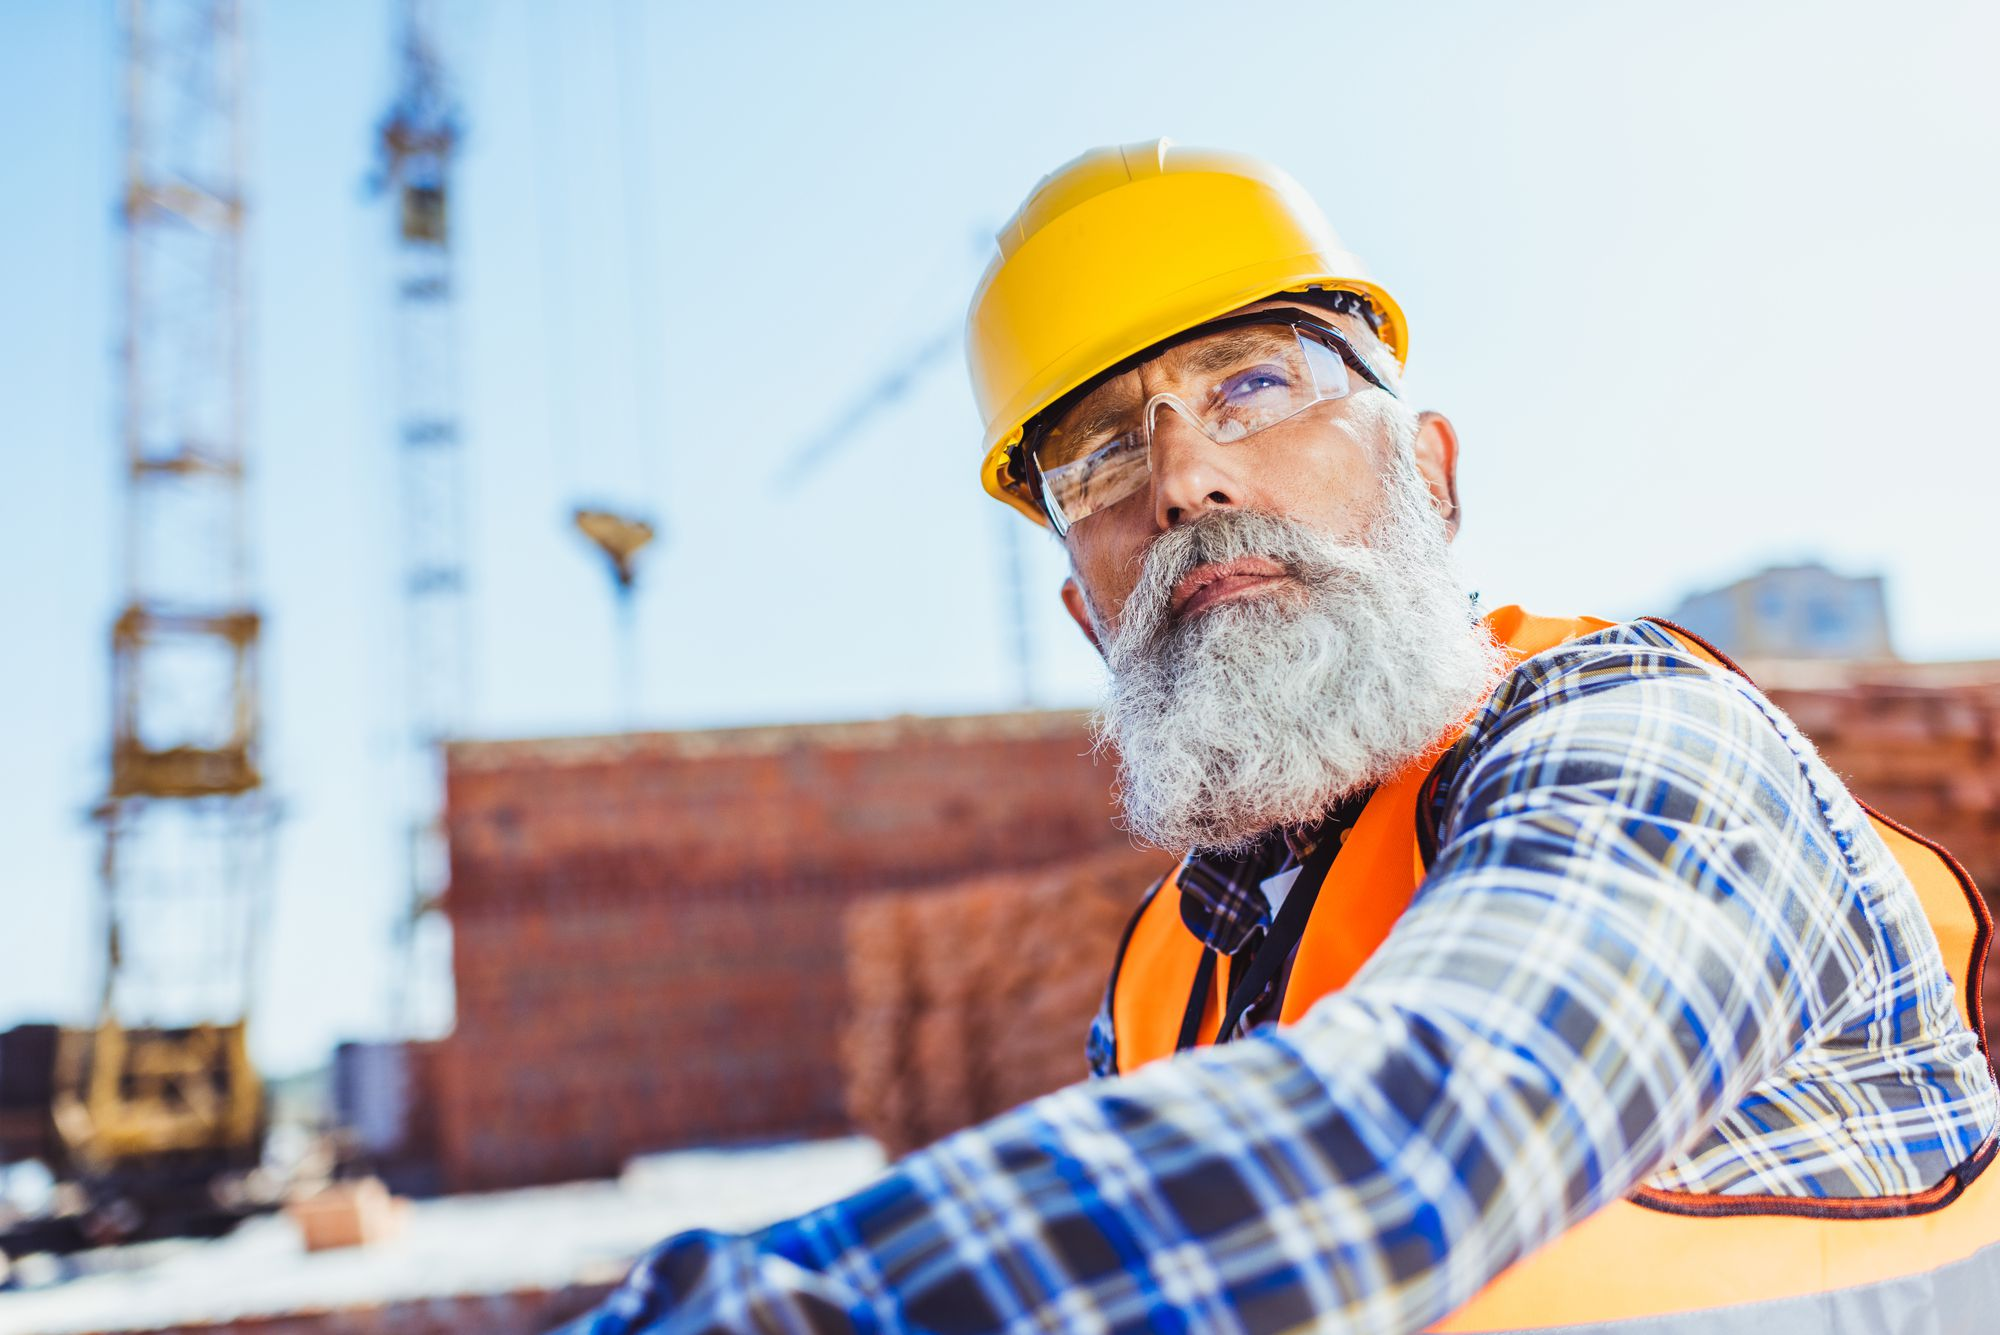 482554272b640 Óculos de proteção  a importância do cuidado com os olhos no trabalho